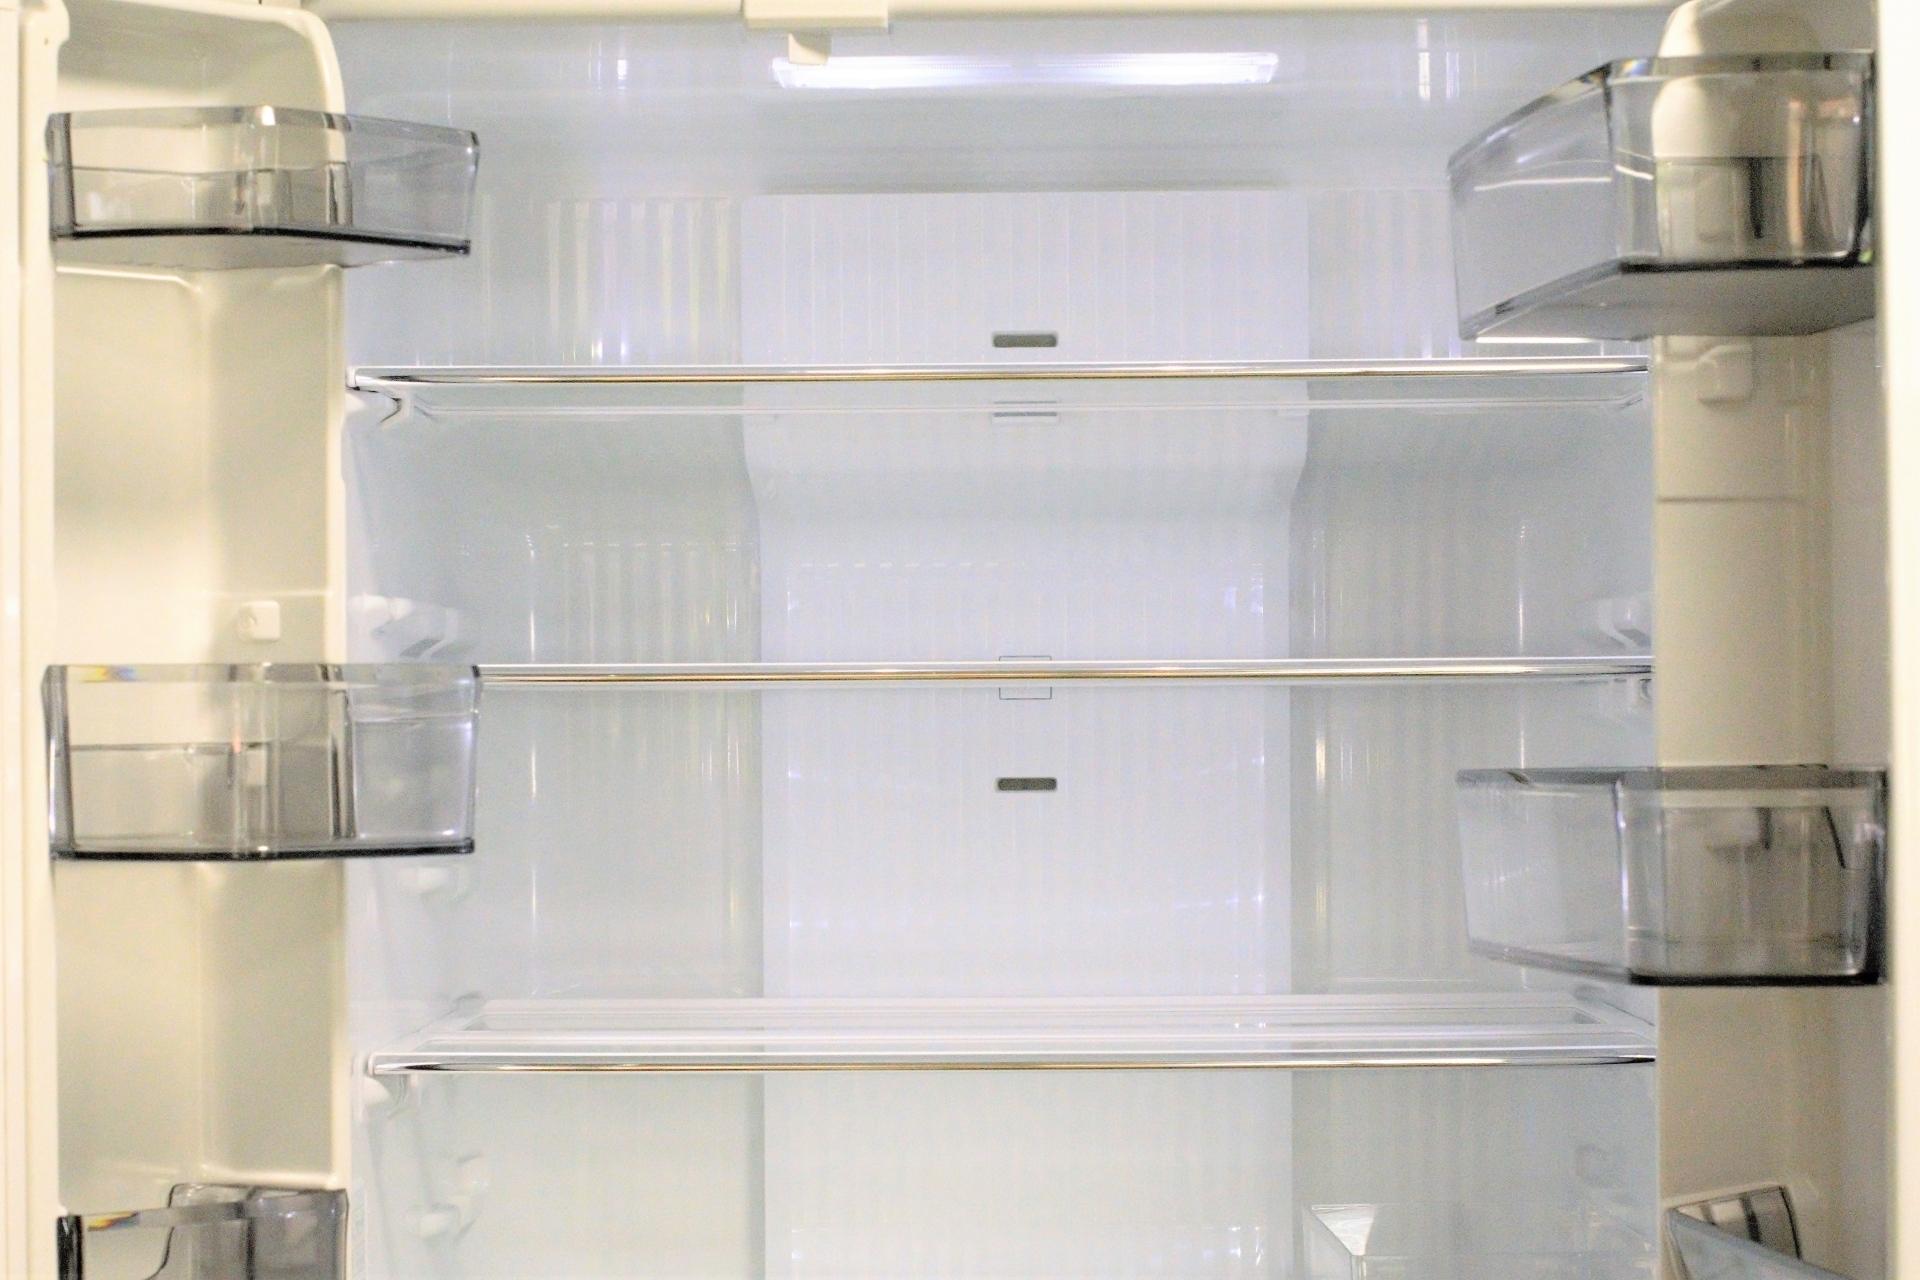 冷蔵庫 2018年夏5 全開